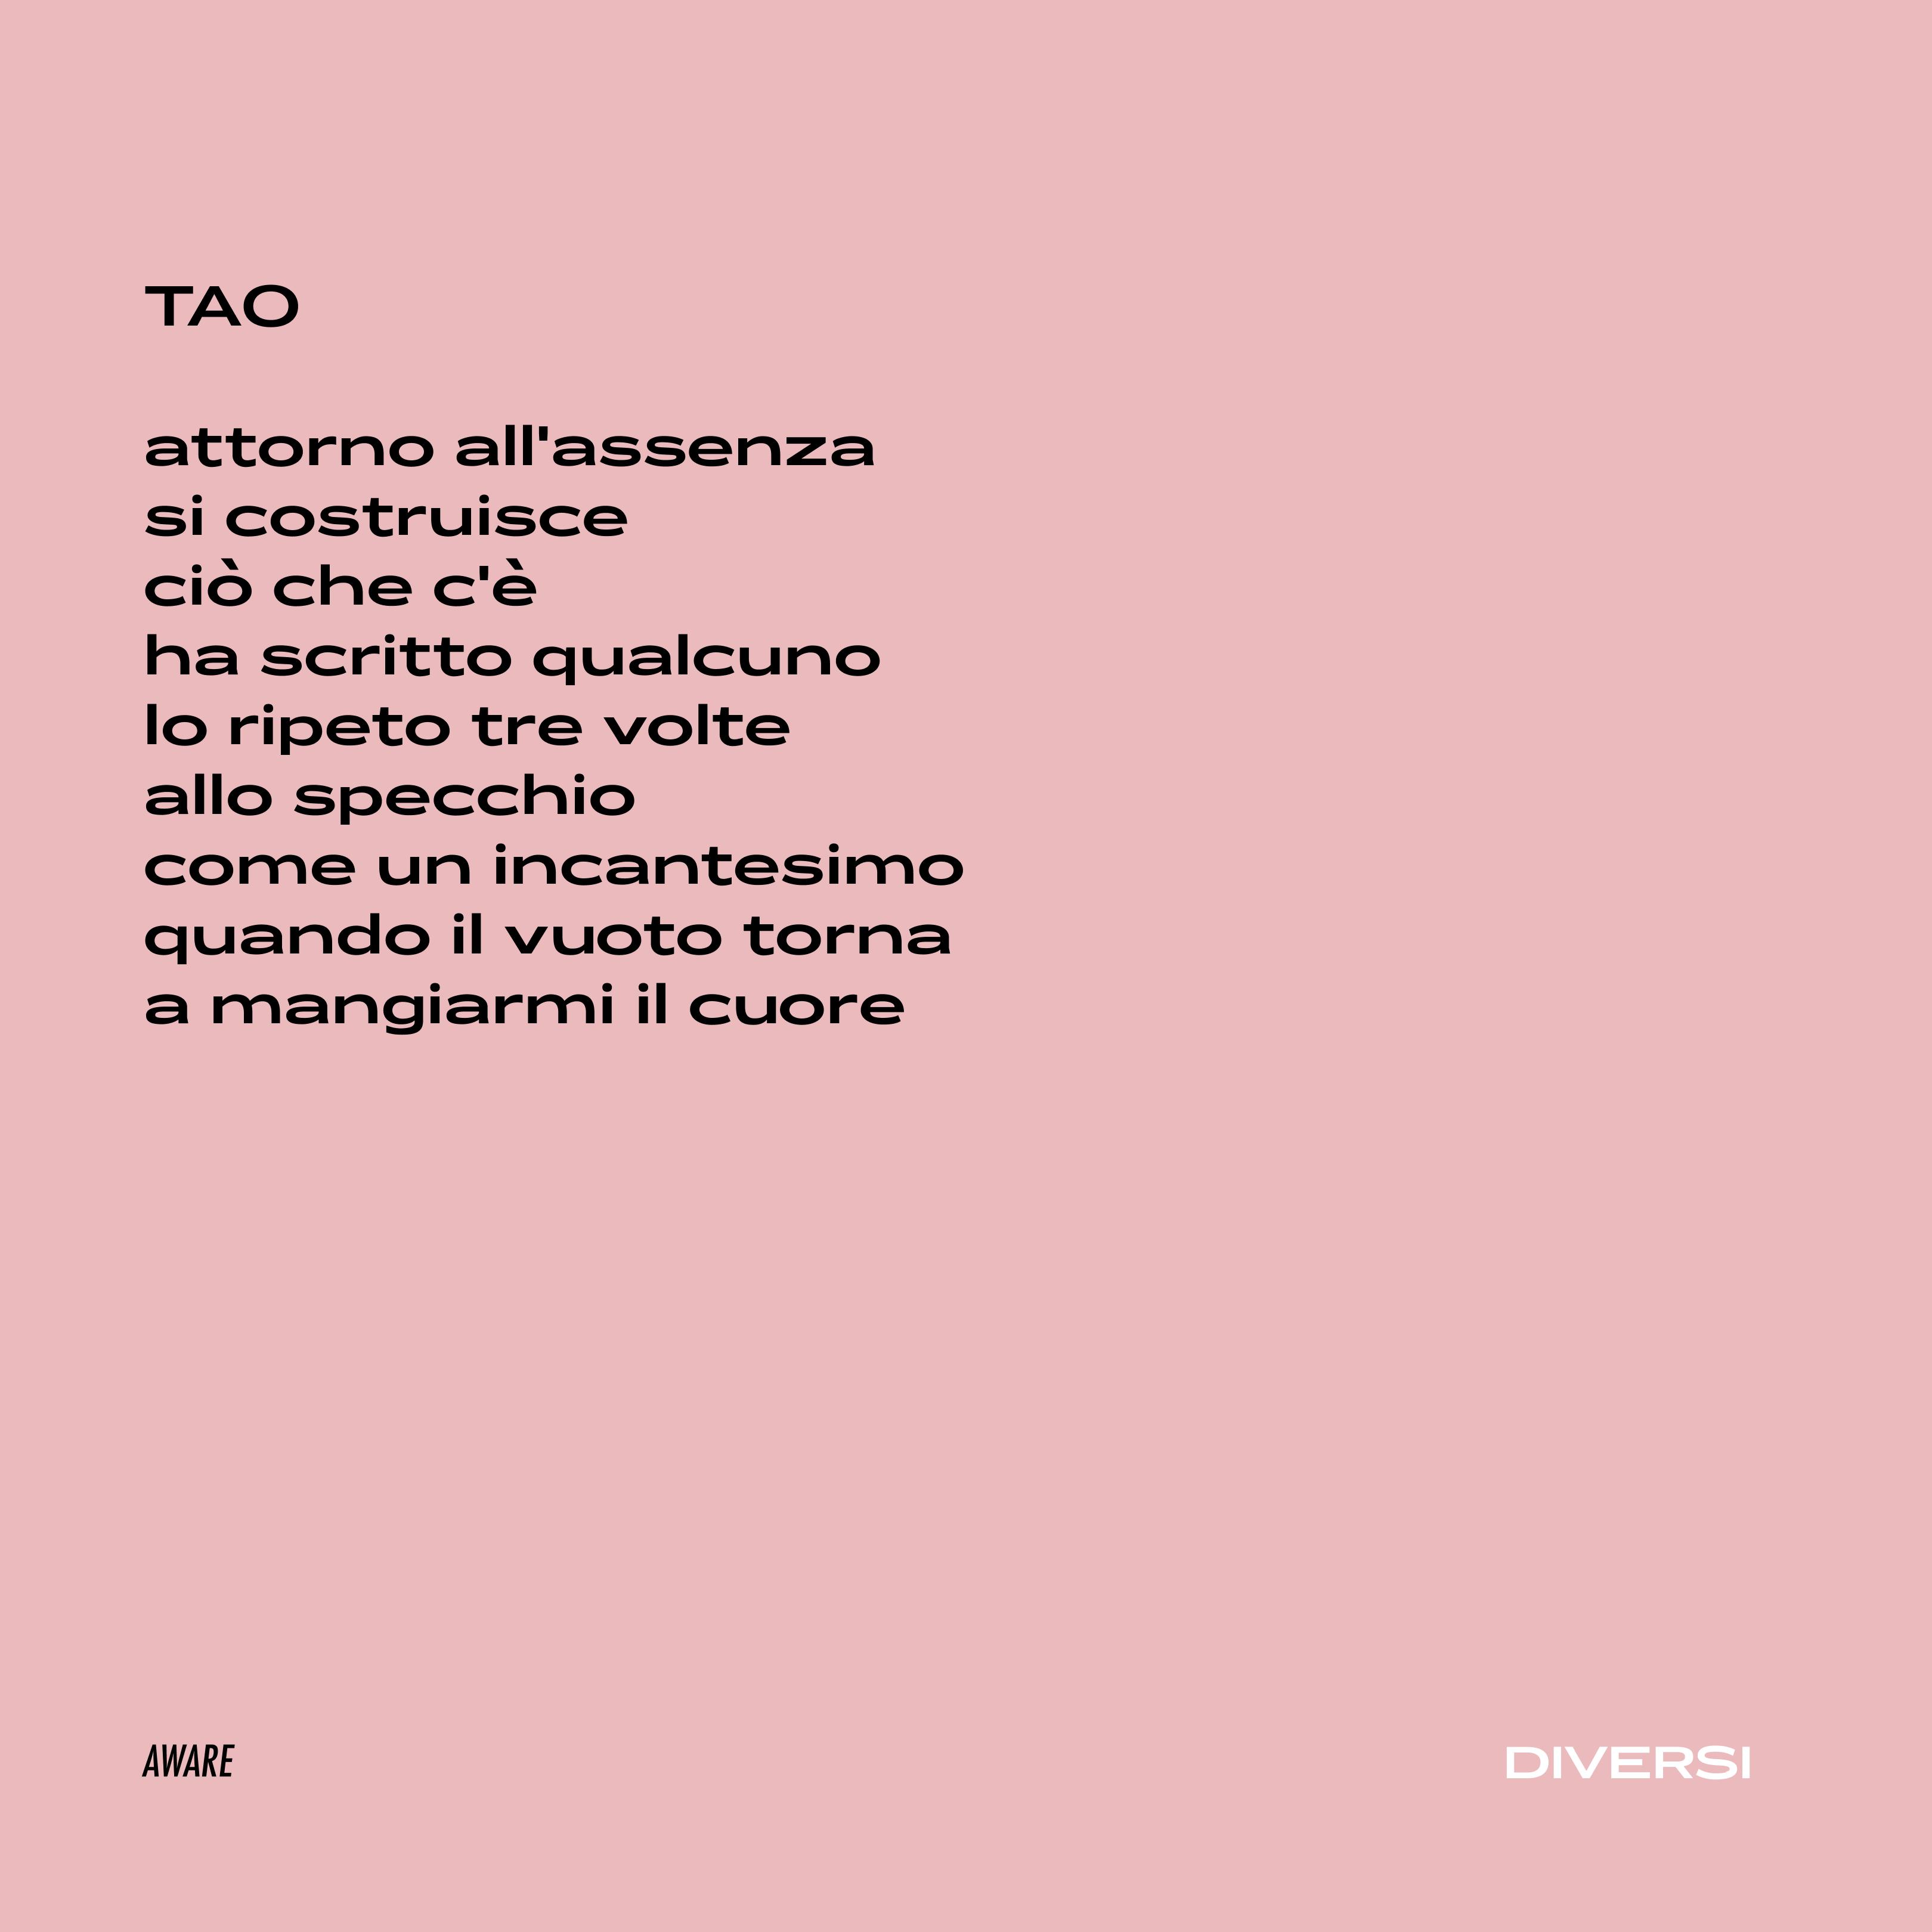 TAO Diversi